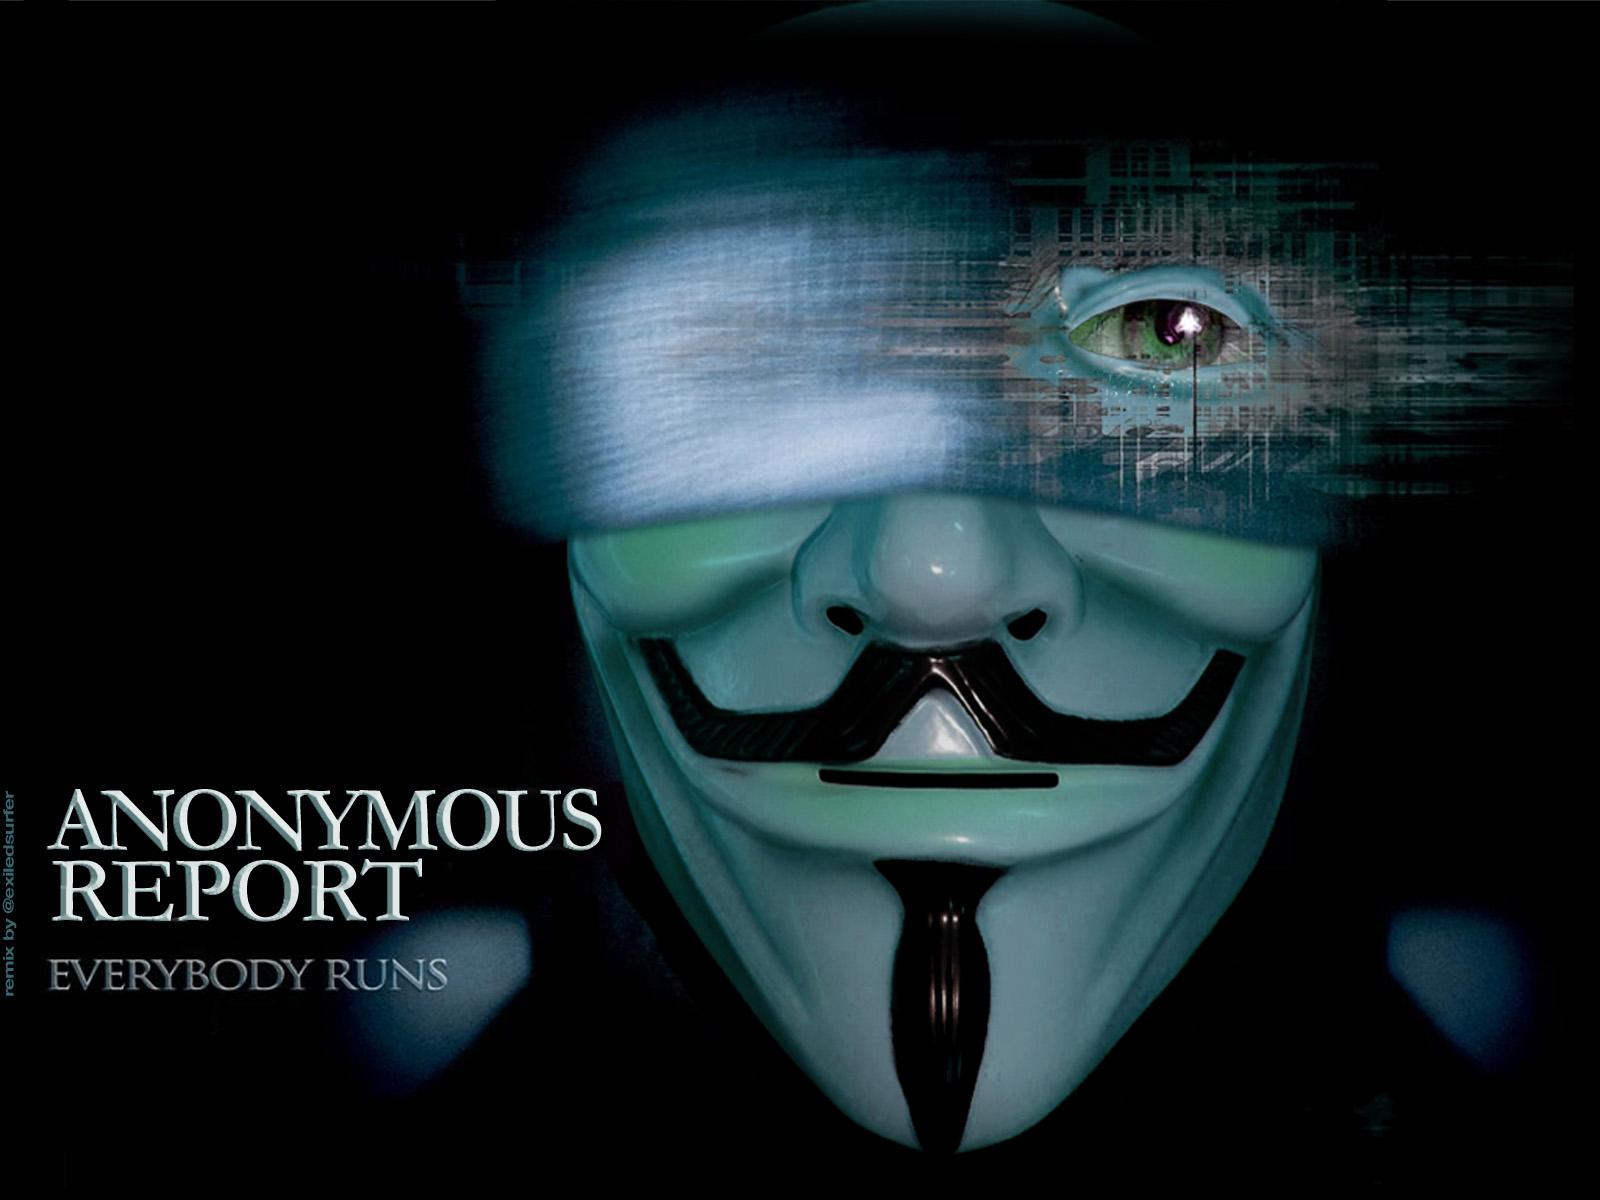 Anonymus revela datos del director del FBI